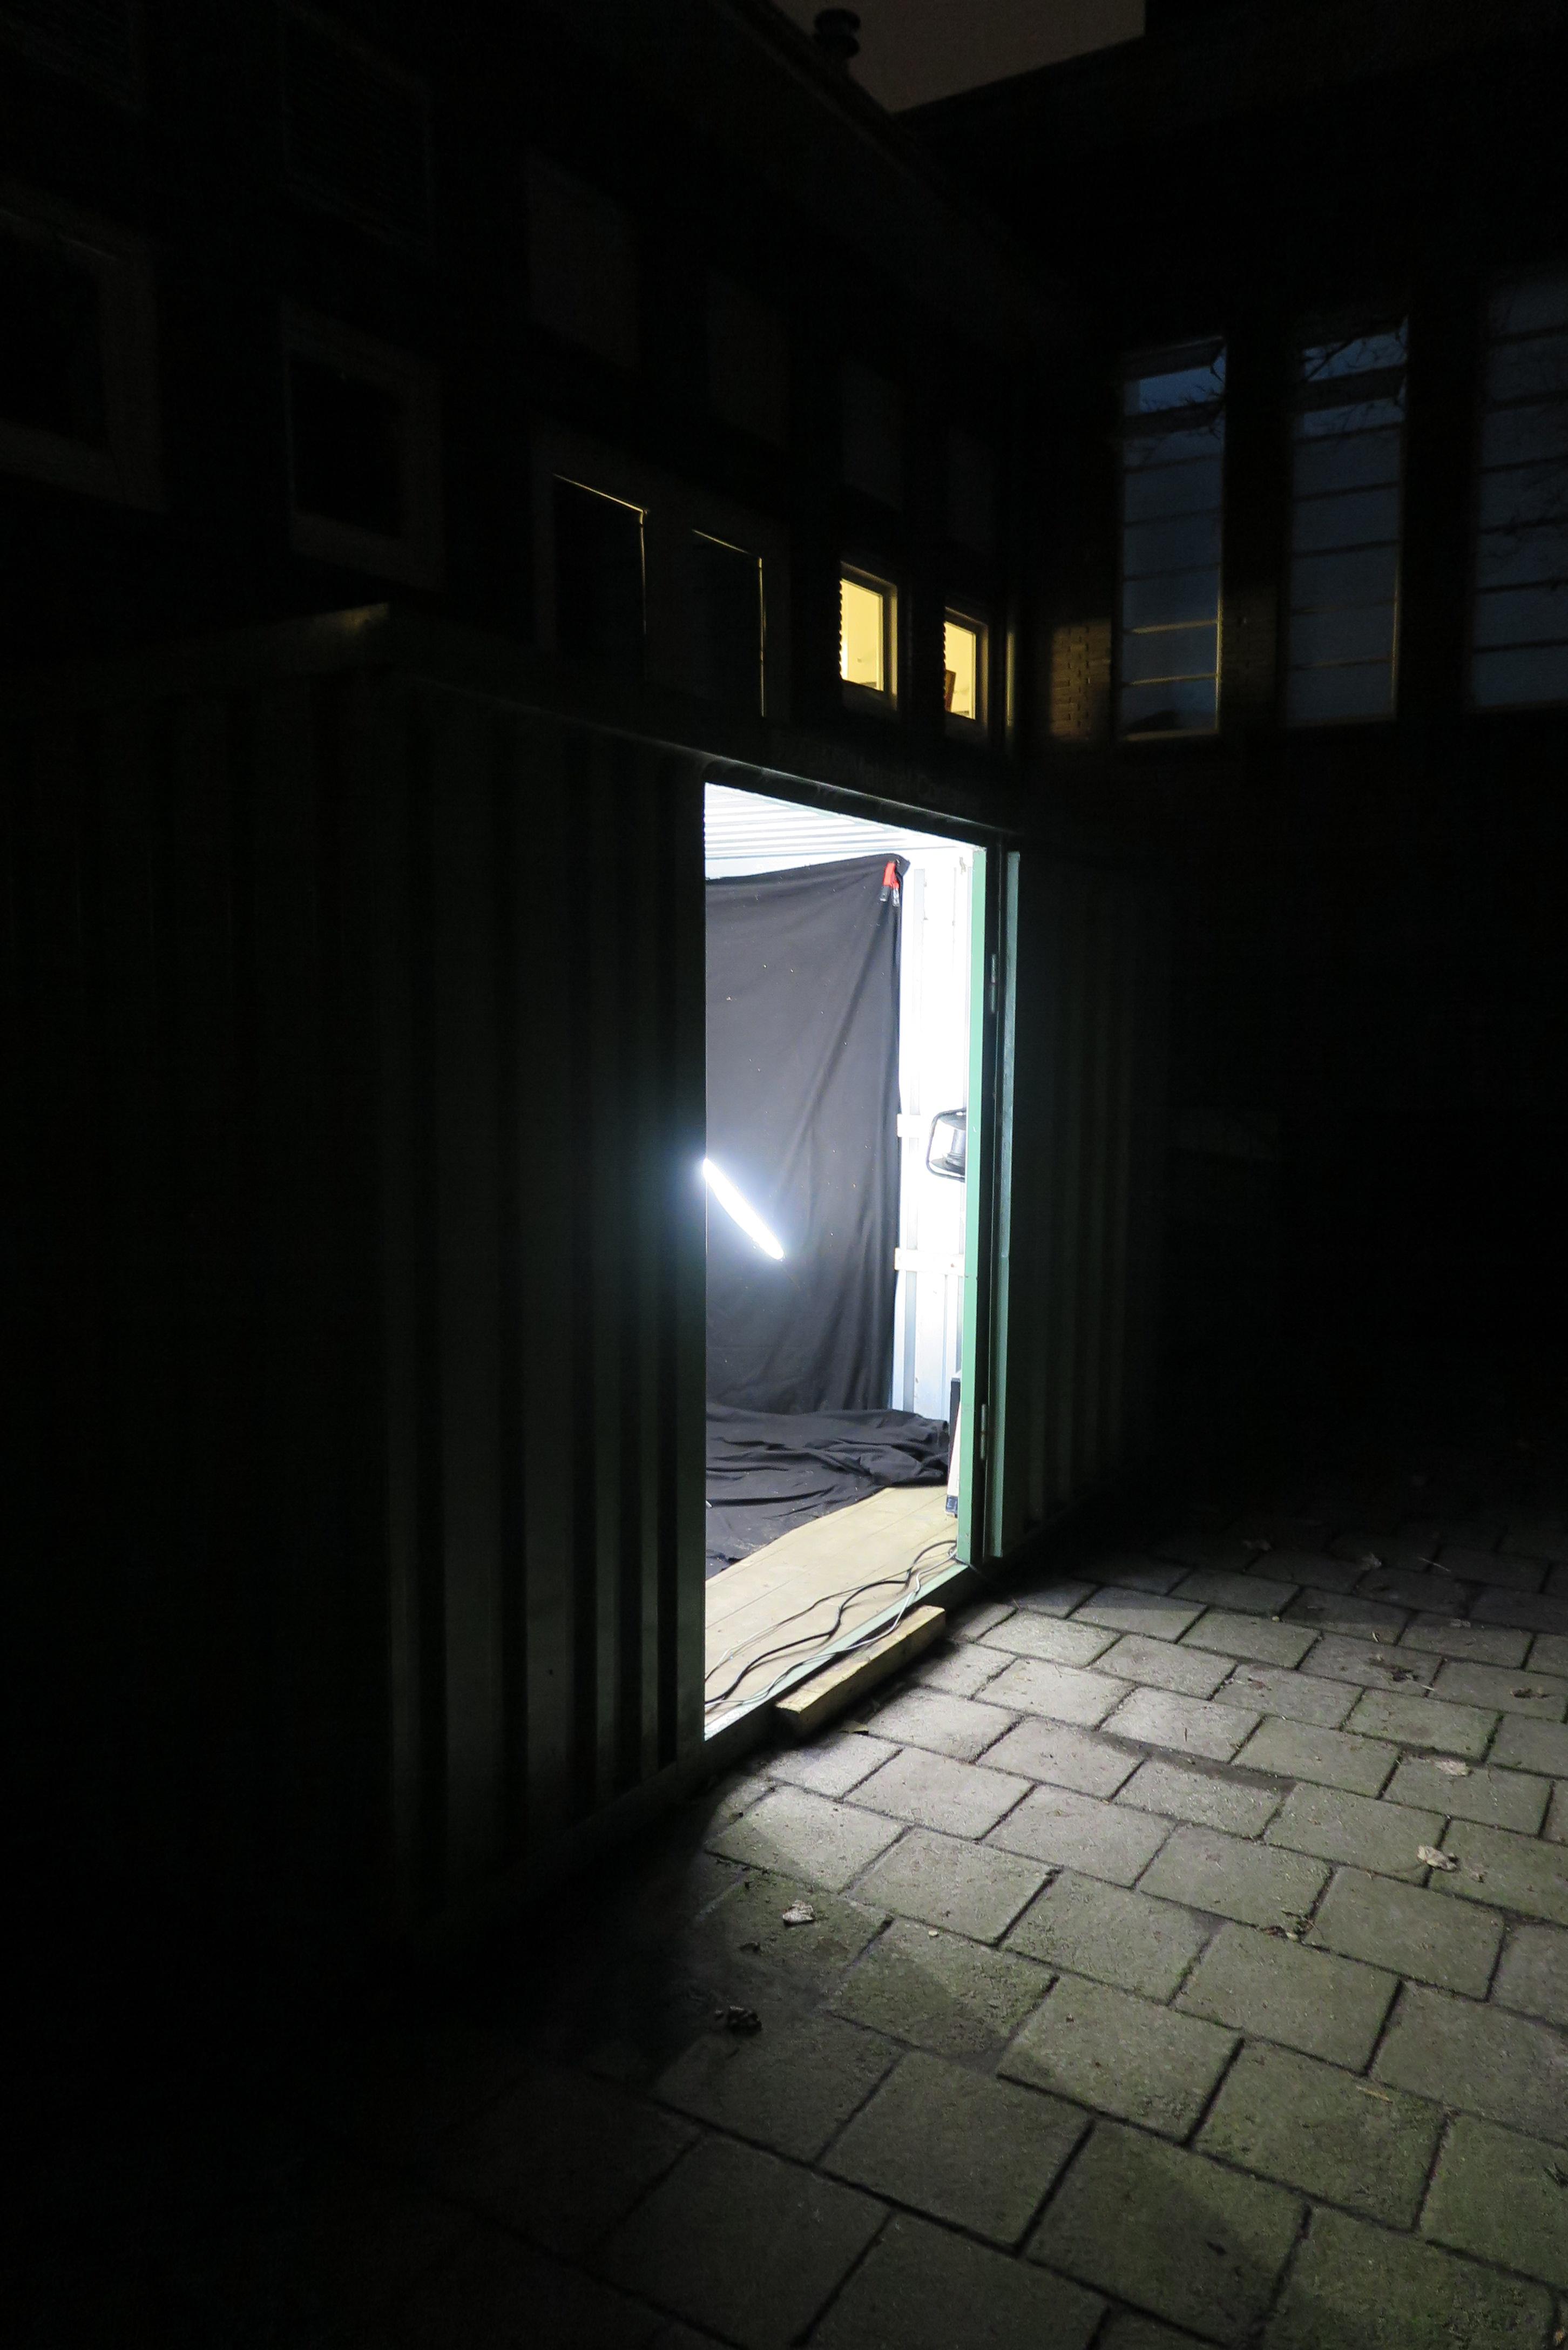 Parklicht 2017 - Mike-rijnierse & Jan Trutzschler von Falkenstein